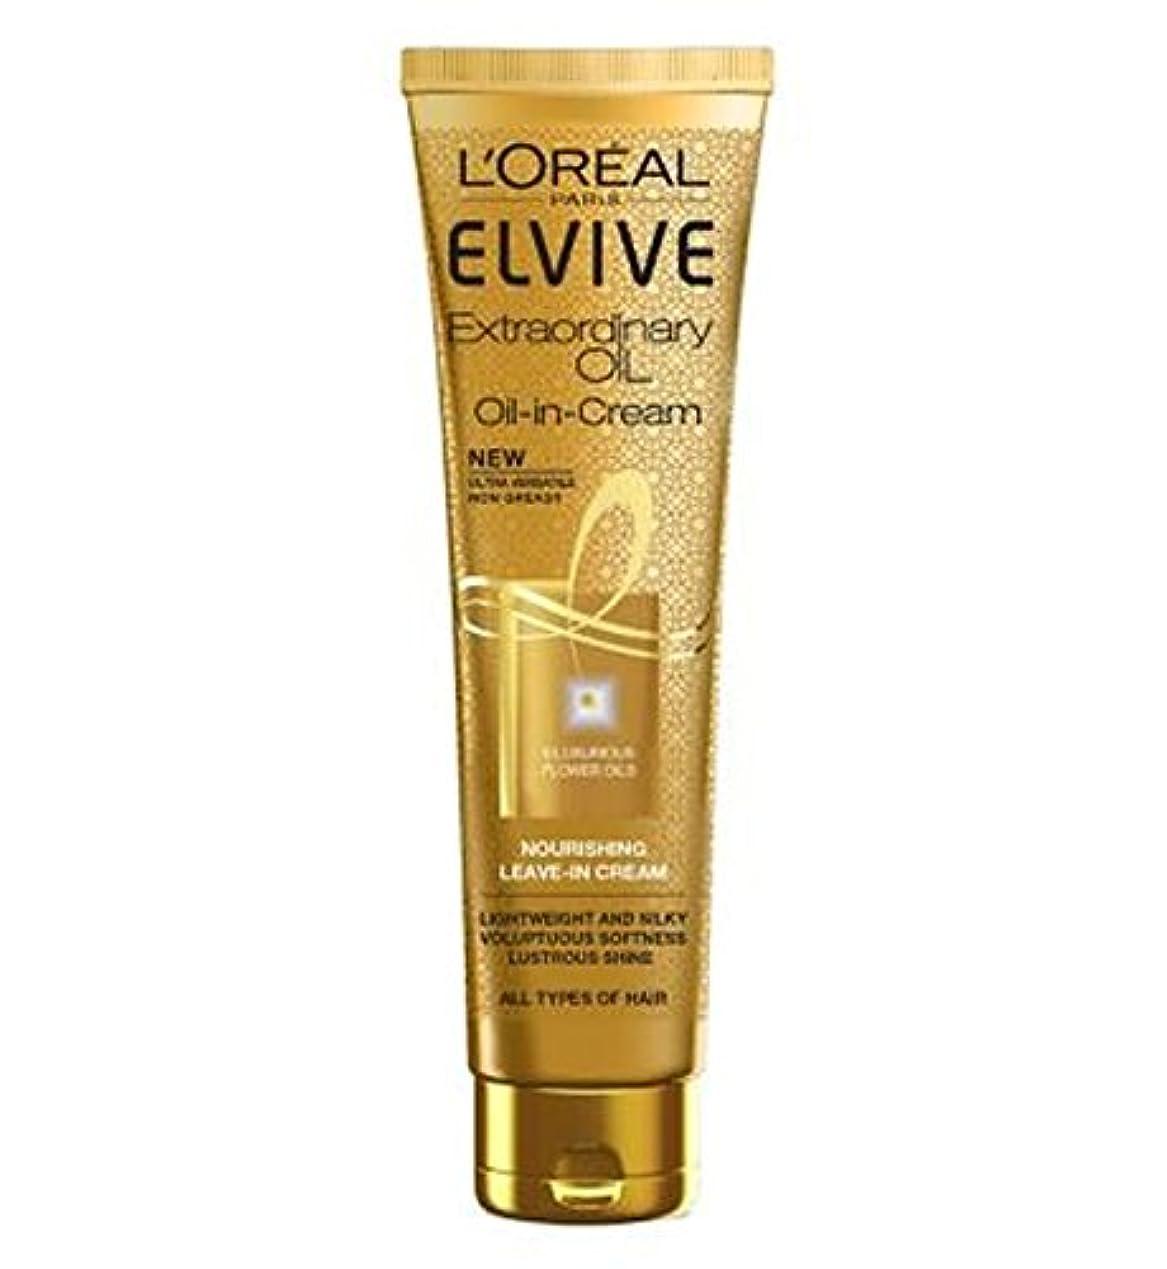 パキスタン協力的風刺L'Oreal Paris Elvive Extraordinary Oil in Cream All Hair Types - すべての髪のタイプのクリームでロレアルパリElvive臨時オイル (L'Oreal) [並行輸入品]